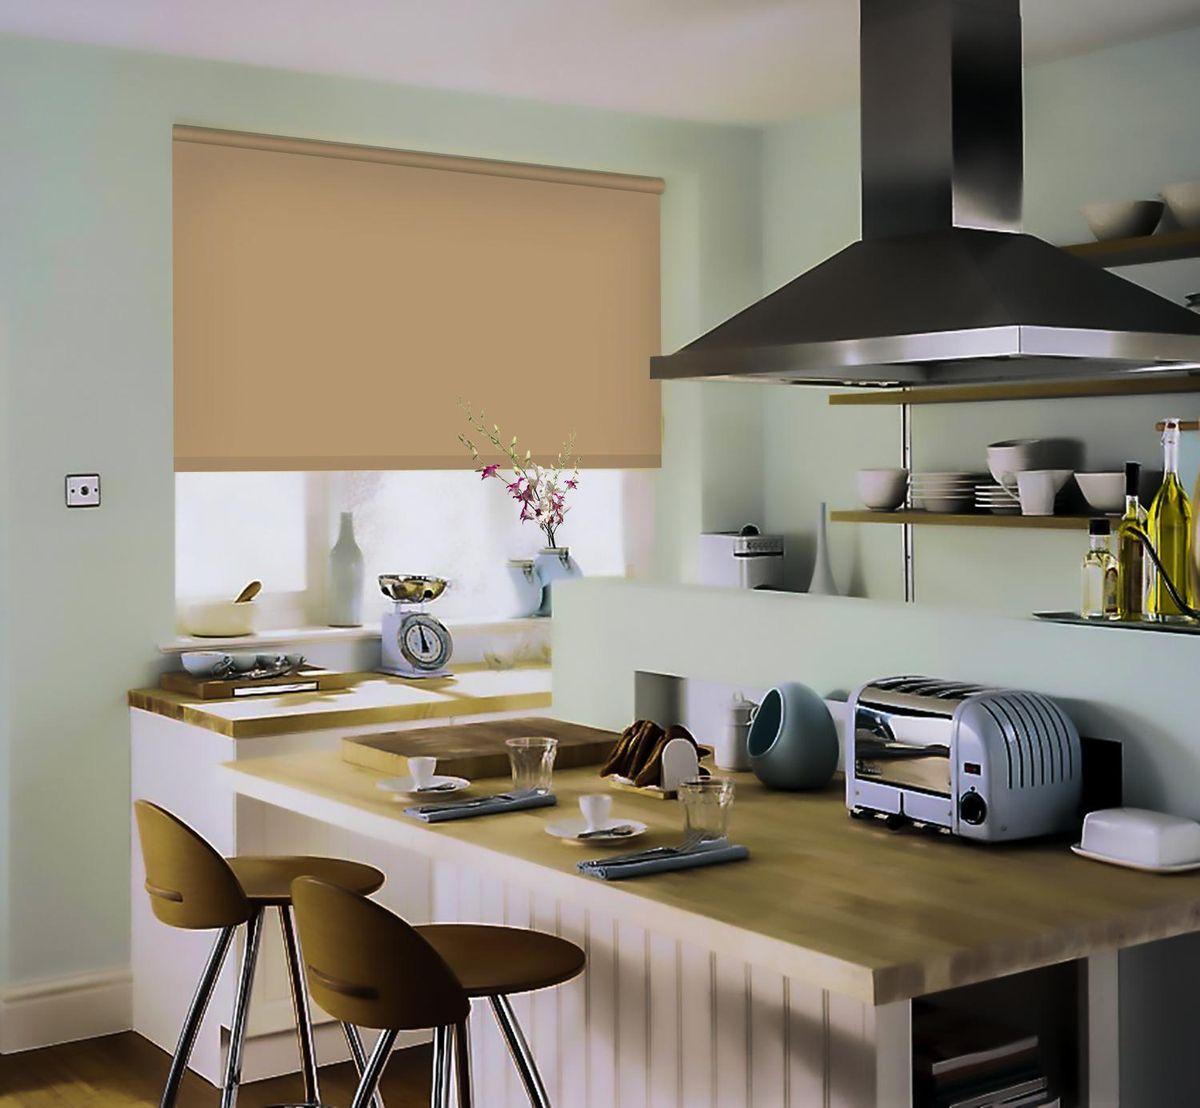 Штора рулонная Эскар, цвет: темно-бежевый, ширина 80 см, высота 170 см81209080170Рулонными шторами Эскар можно оформлять окна как самостоятельно, так и использовать в комбинации с портьерами. Это поможет предотвратить выгорание дорогой ткани на солнце и соединит функционал рулонных с красотой навесных. Преимущества применения рулонных штор для пластиковых окон: - имеют прекрасный внешний вид: многообразие и фактурность материала изделия отлично смотрятся в любом интерьере;- многофункциональны: есть возможность подобрать шторы способные эффективно защитить комнату от солнца, при этом она не будет слишком темной;- есть возможность осуществить быстрый монтаж.ВНИМАНИЕ! Размеры ширины изделия указаны по ширине ткани! Во время эксплуатации не рекомендуется полностью разматывать рулон, чтобы не оторвать ткань от намоточного вала. В случае загрязнения поверхности ткани, чистку шторы проводят одним из способов, в зависимости от типа загрязнения:легкое поверхностное загрязнение можно удалить при помощи канцелярского ластика;чистка от пыли производится сухим методом при помощи пылесоса с мягкой щеткой-насадкой;для удаления пятна используйте мягкую губку с пенообразующим неагрессивным моющим средством или пятновыводитель на натуральной основе (нельзя применять растворители).